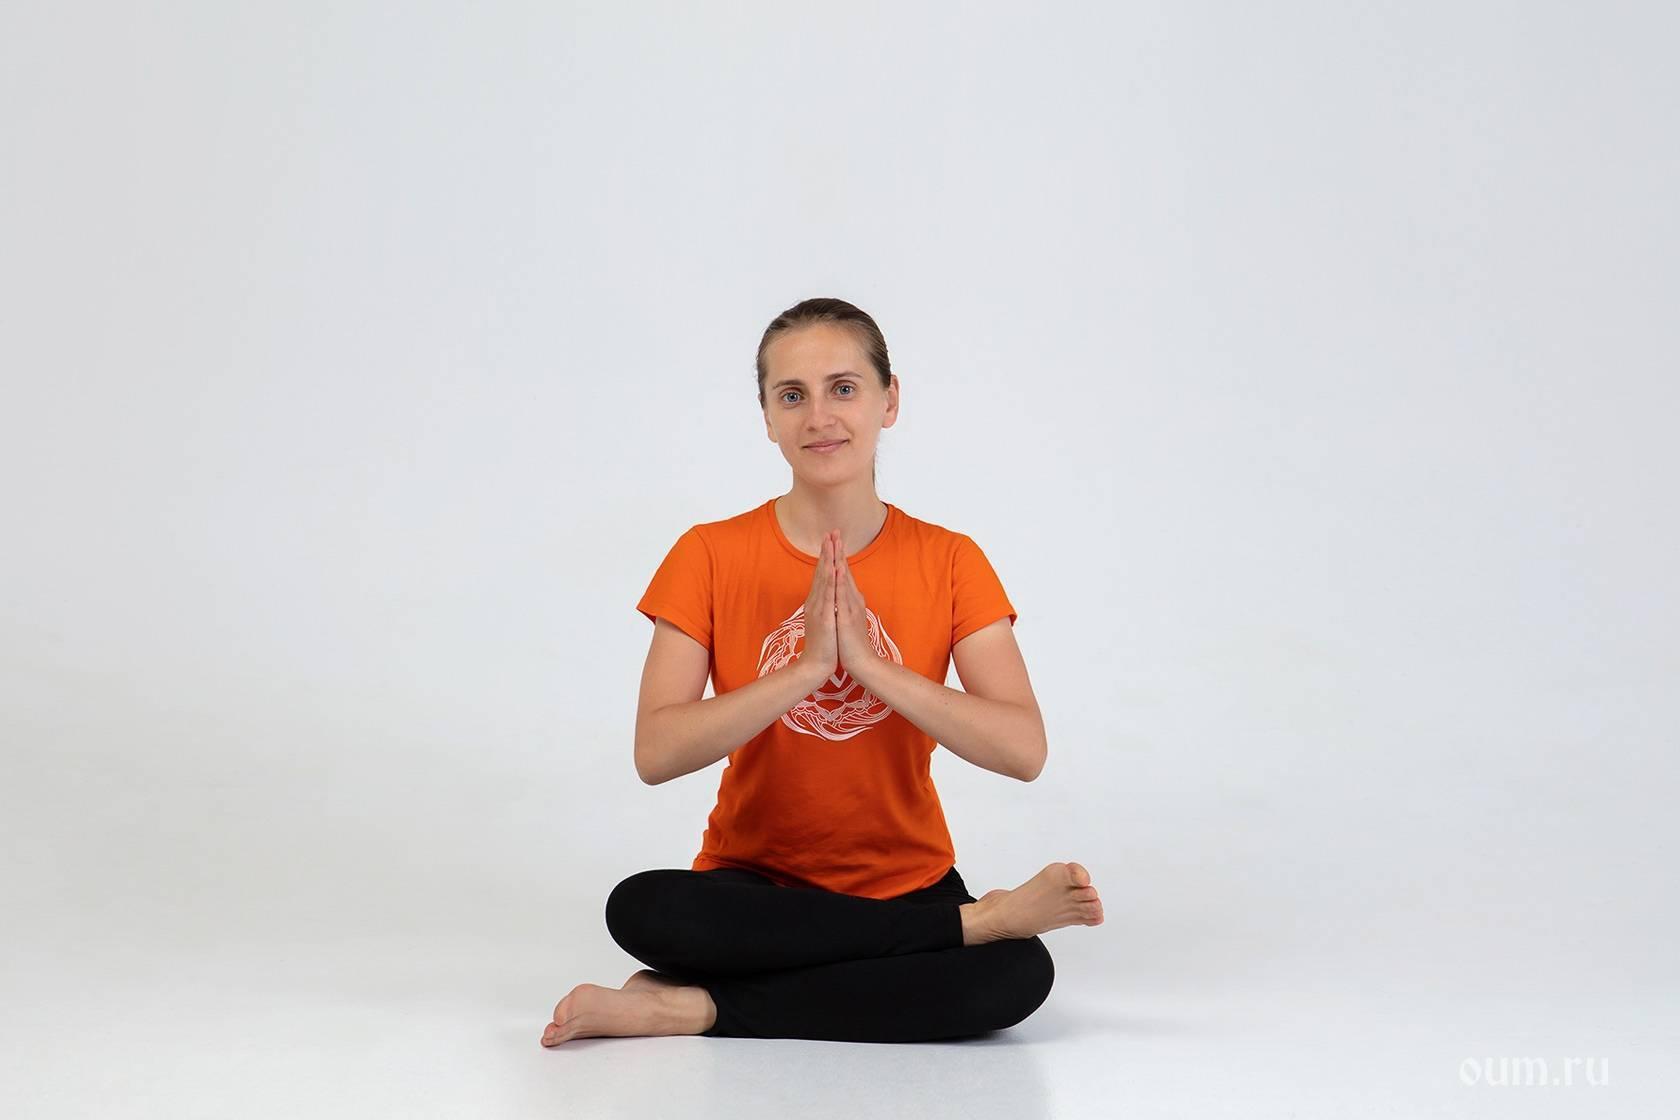 Поздравить инструктора по йоге с днем рождения. лучший способ отметить день рождения айенгара